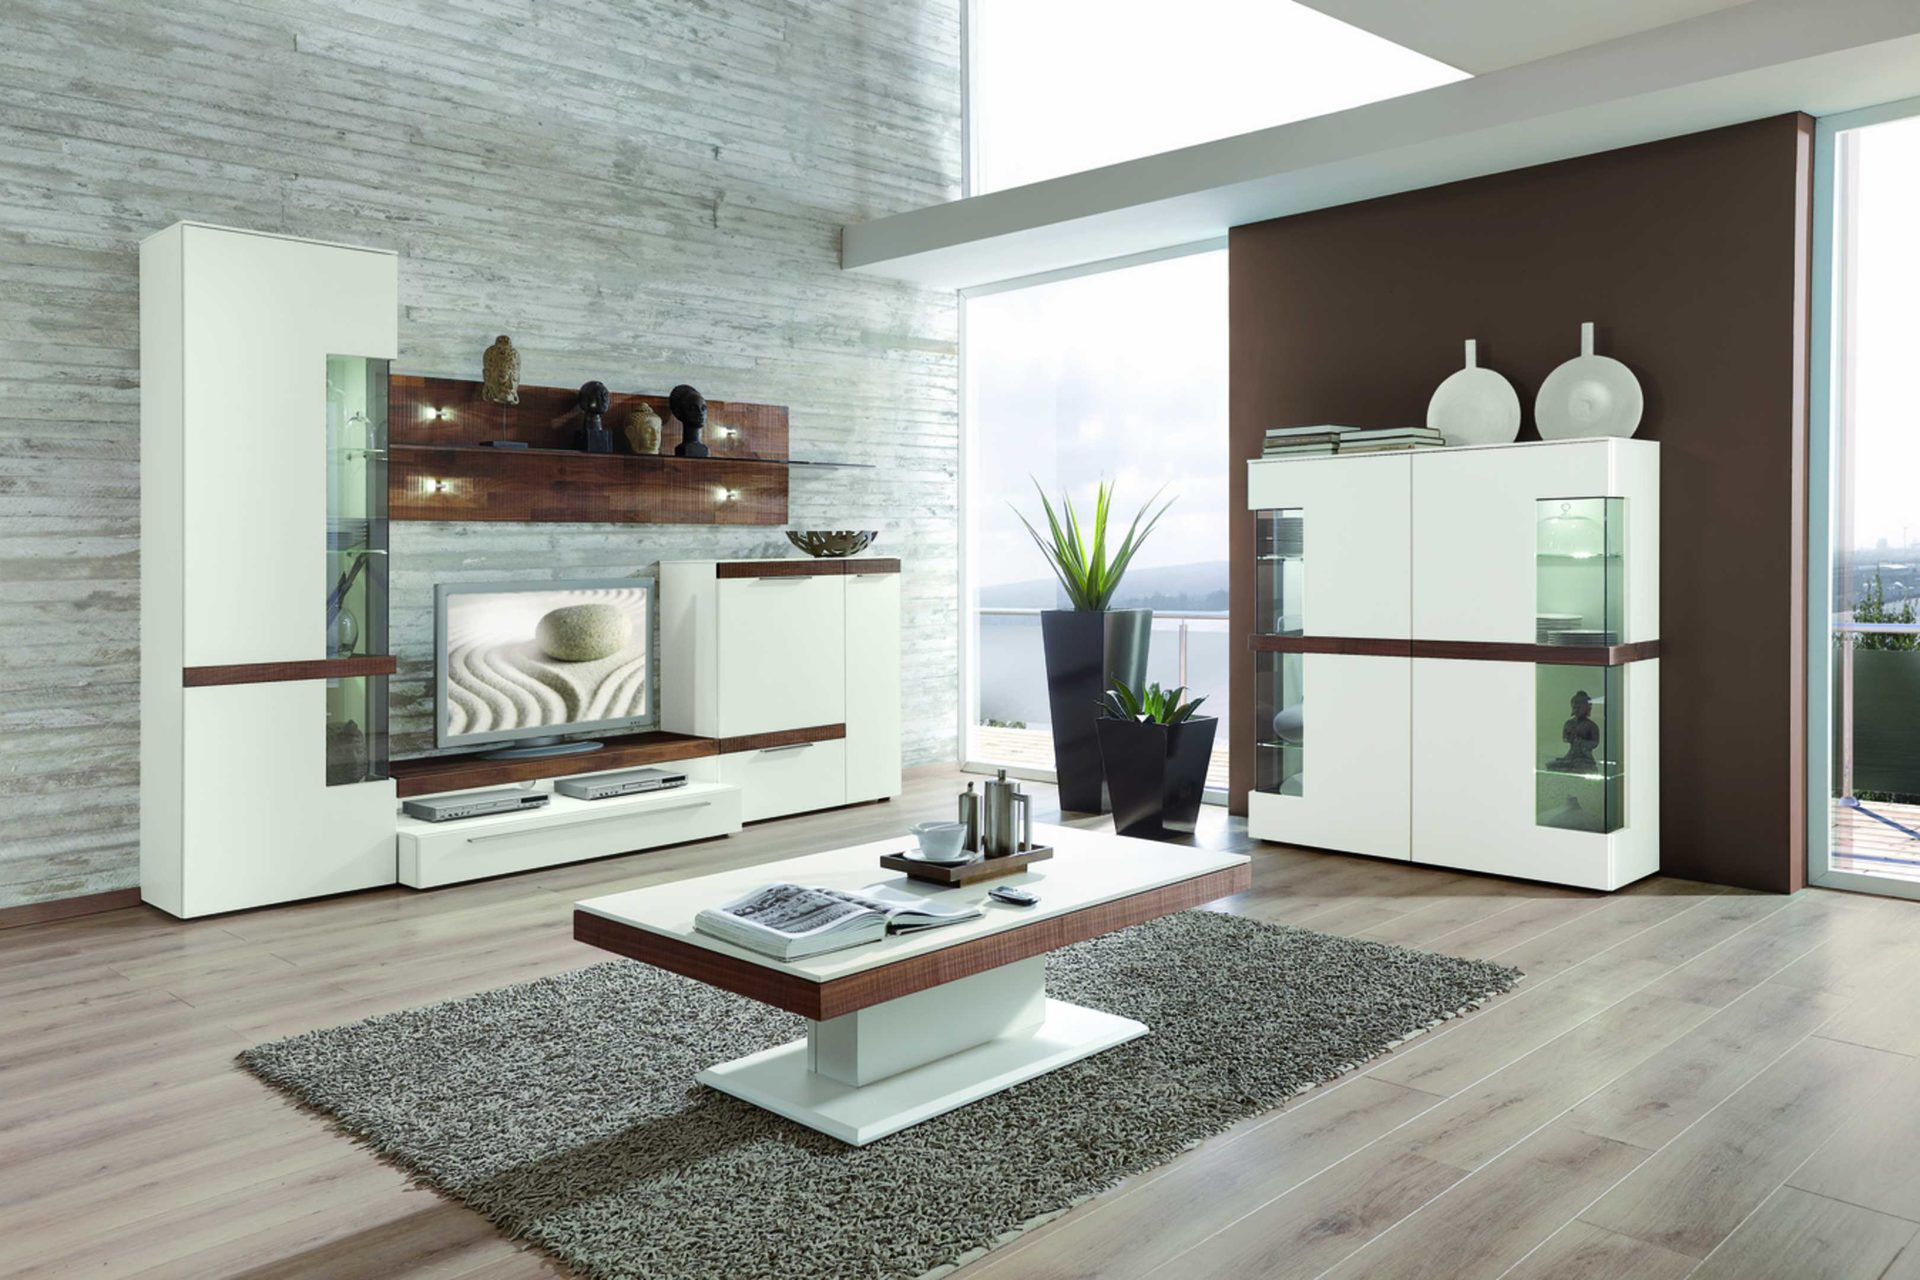 Wohnzimmer weiss nussbaum – Neues Weltdesign 2018